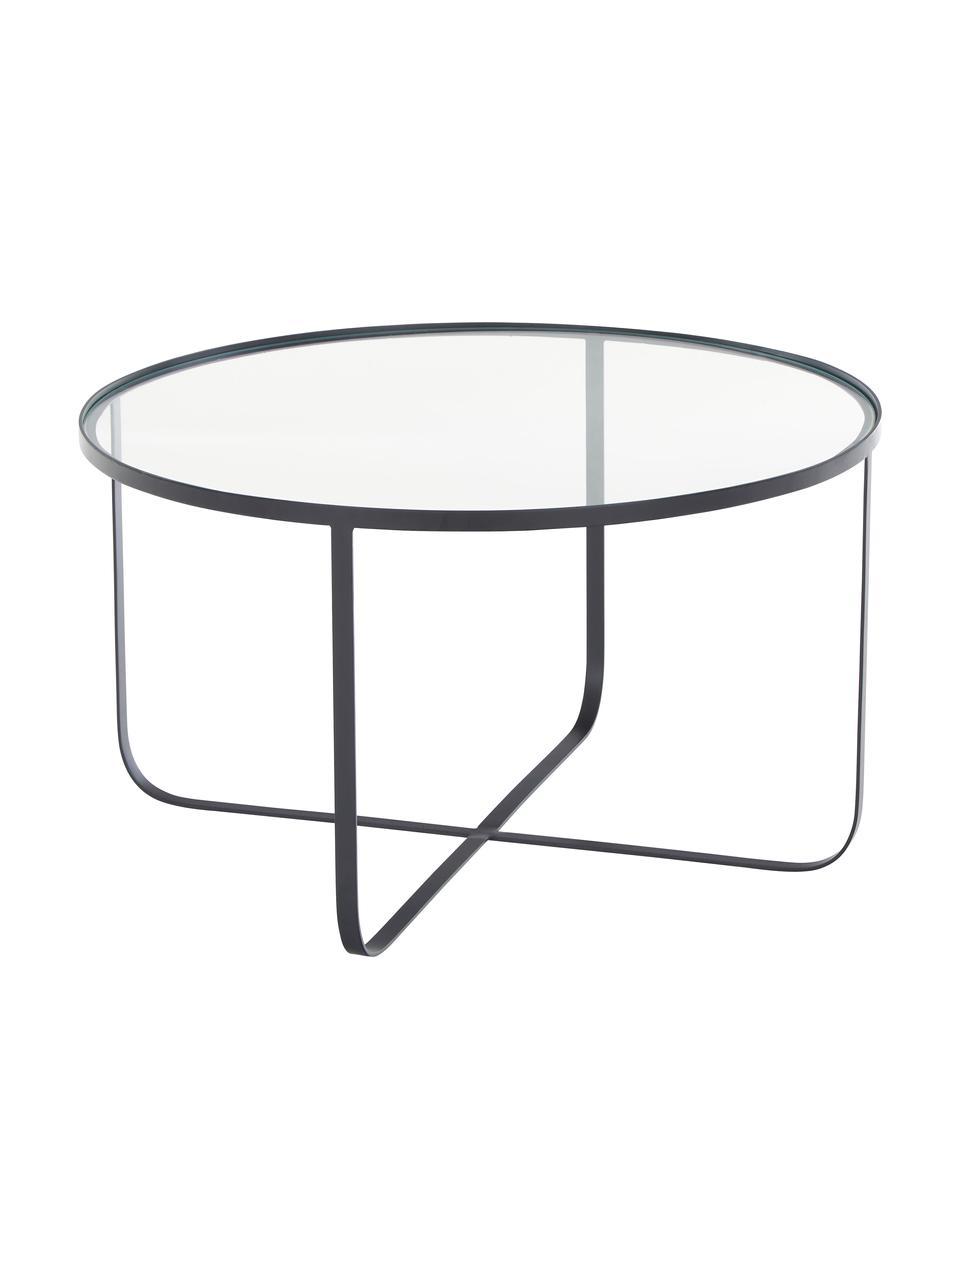 Metalen salontafel Harper met glazen tafelblad, Frame: gepoedercoat metaal, Tafelblad: glas, Zwart, Ø 80 x H 43 cm